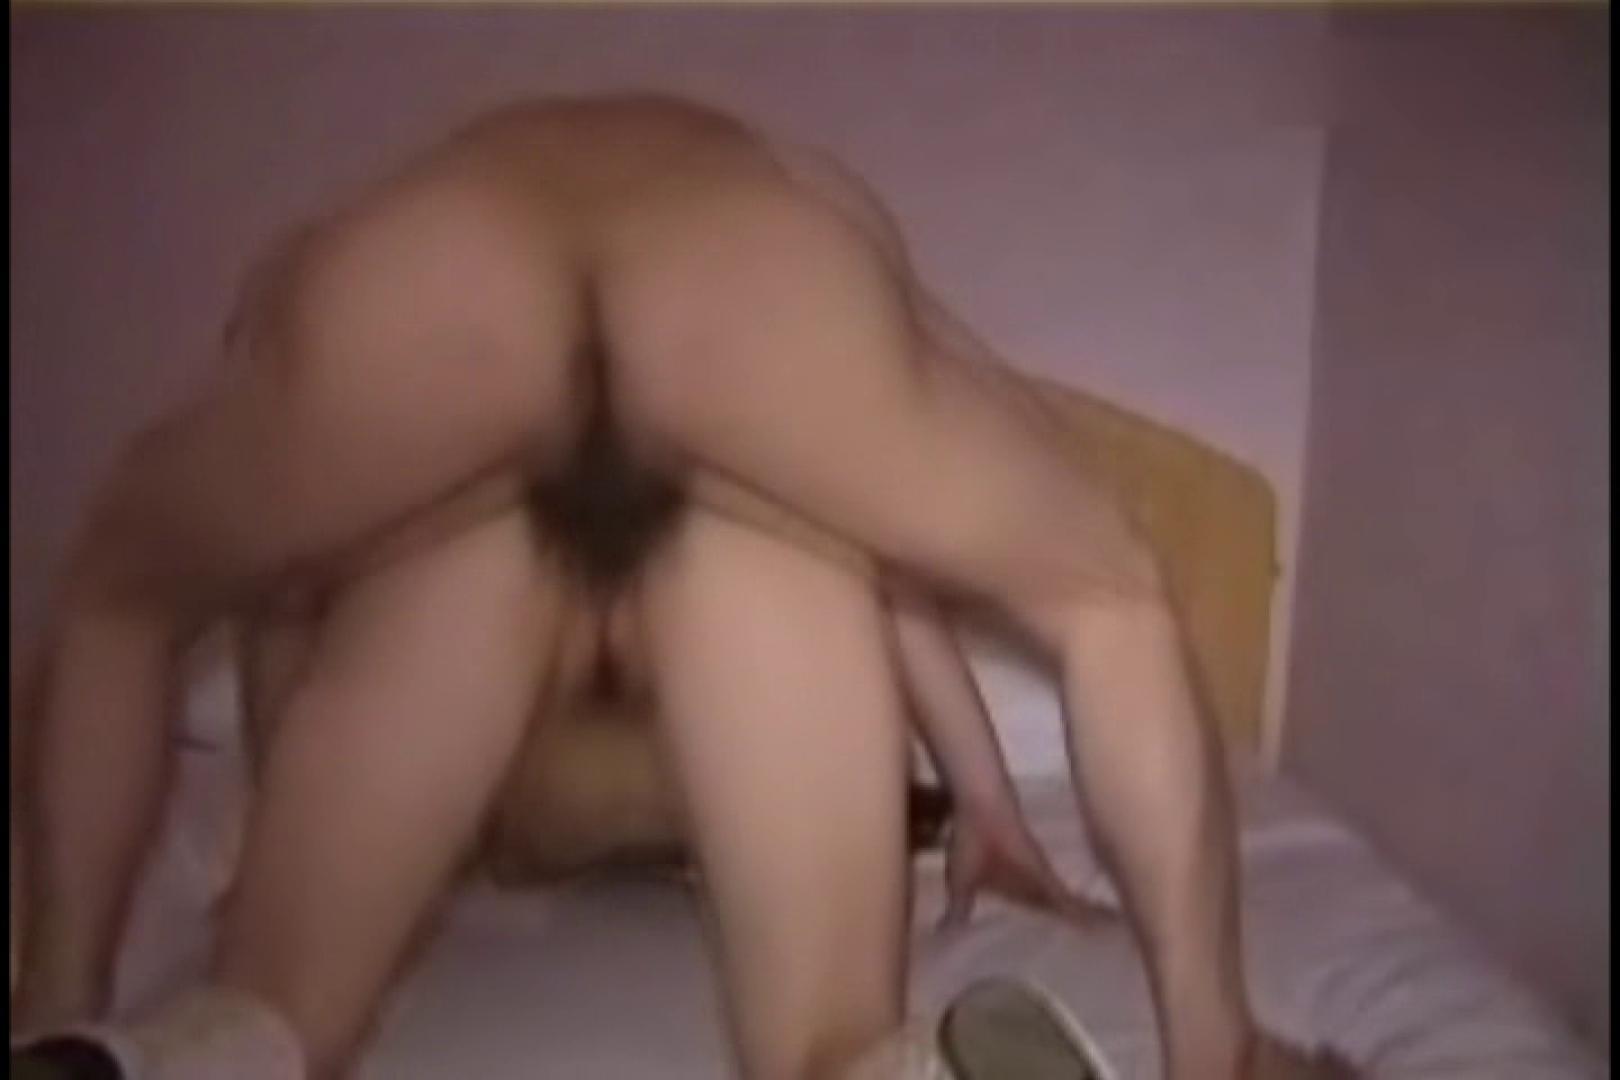 コリアン素人流出シリーズ ラブホテル援交ハメ撮り映像流出 素人 セックス画像 90連発 77